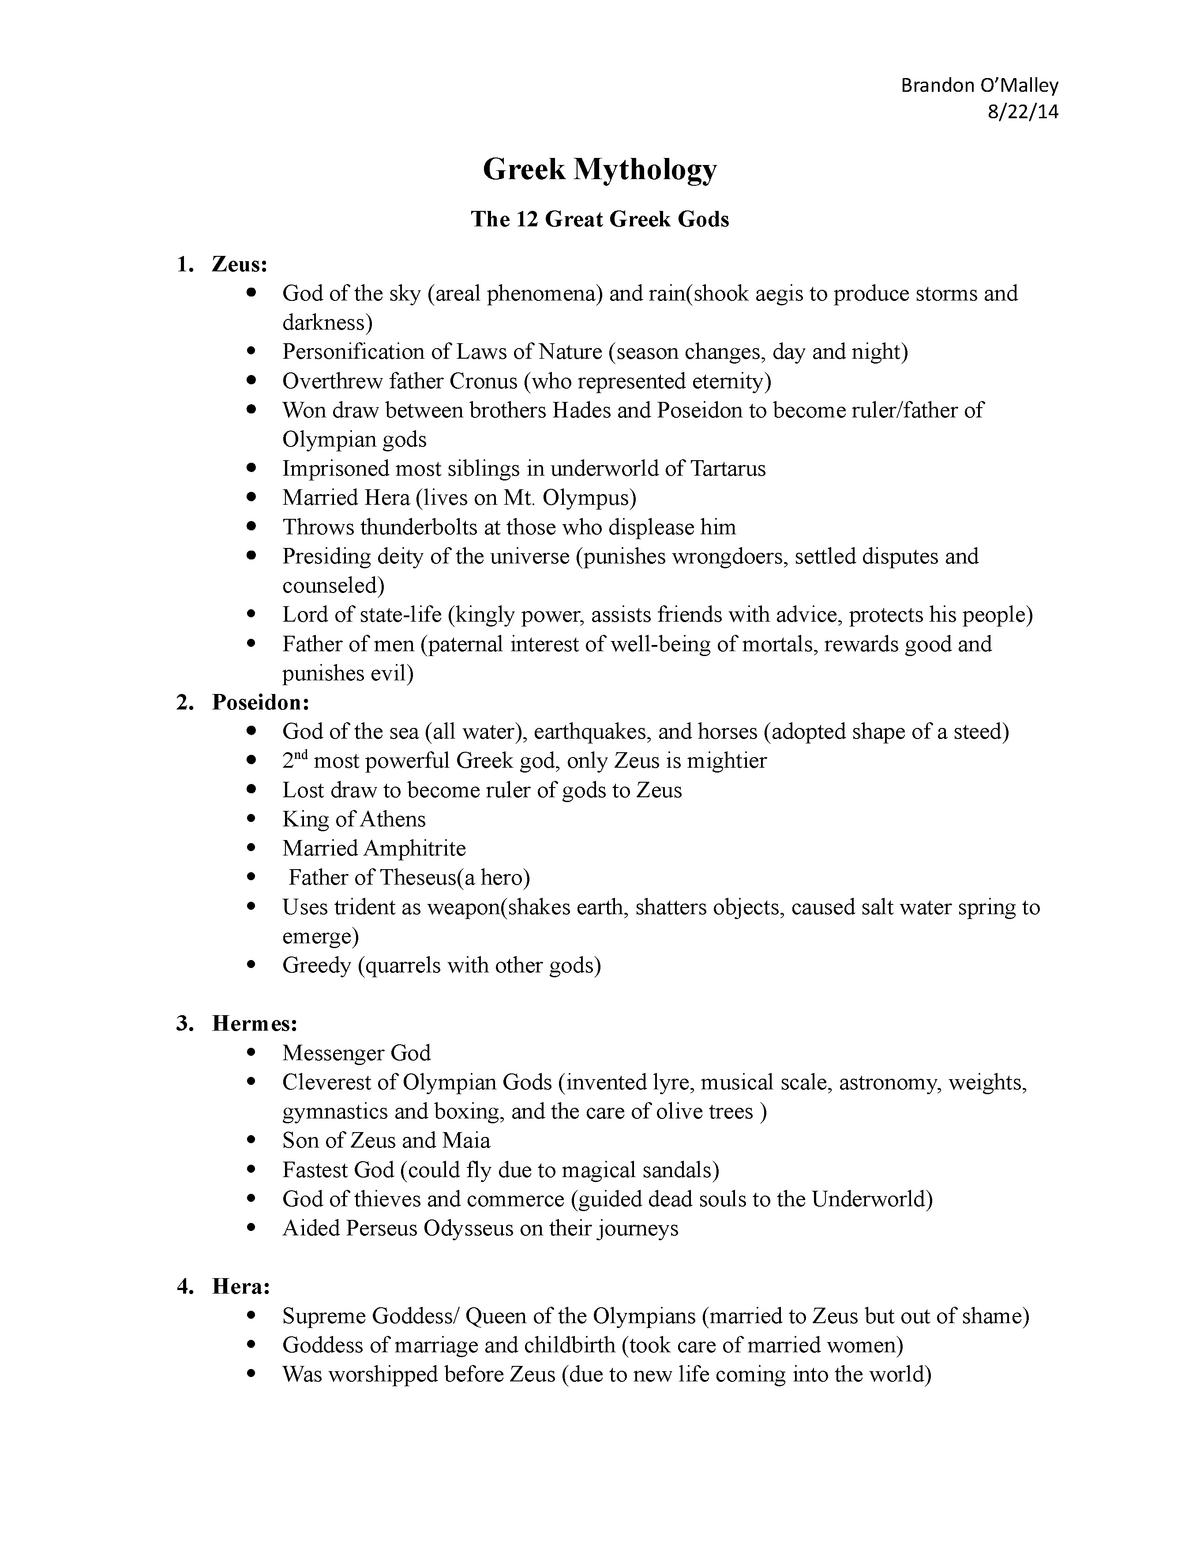 Greek Mythology - Written Communication I ENC 1101 - StuDocu